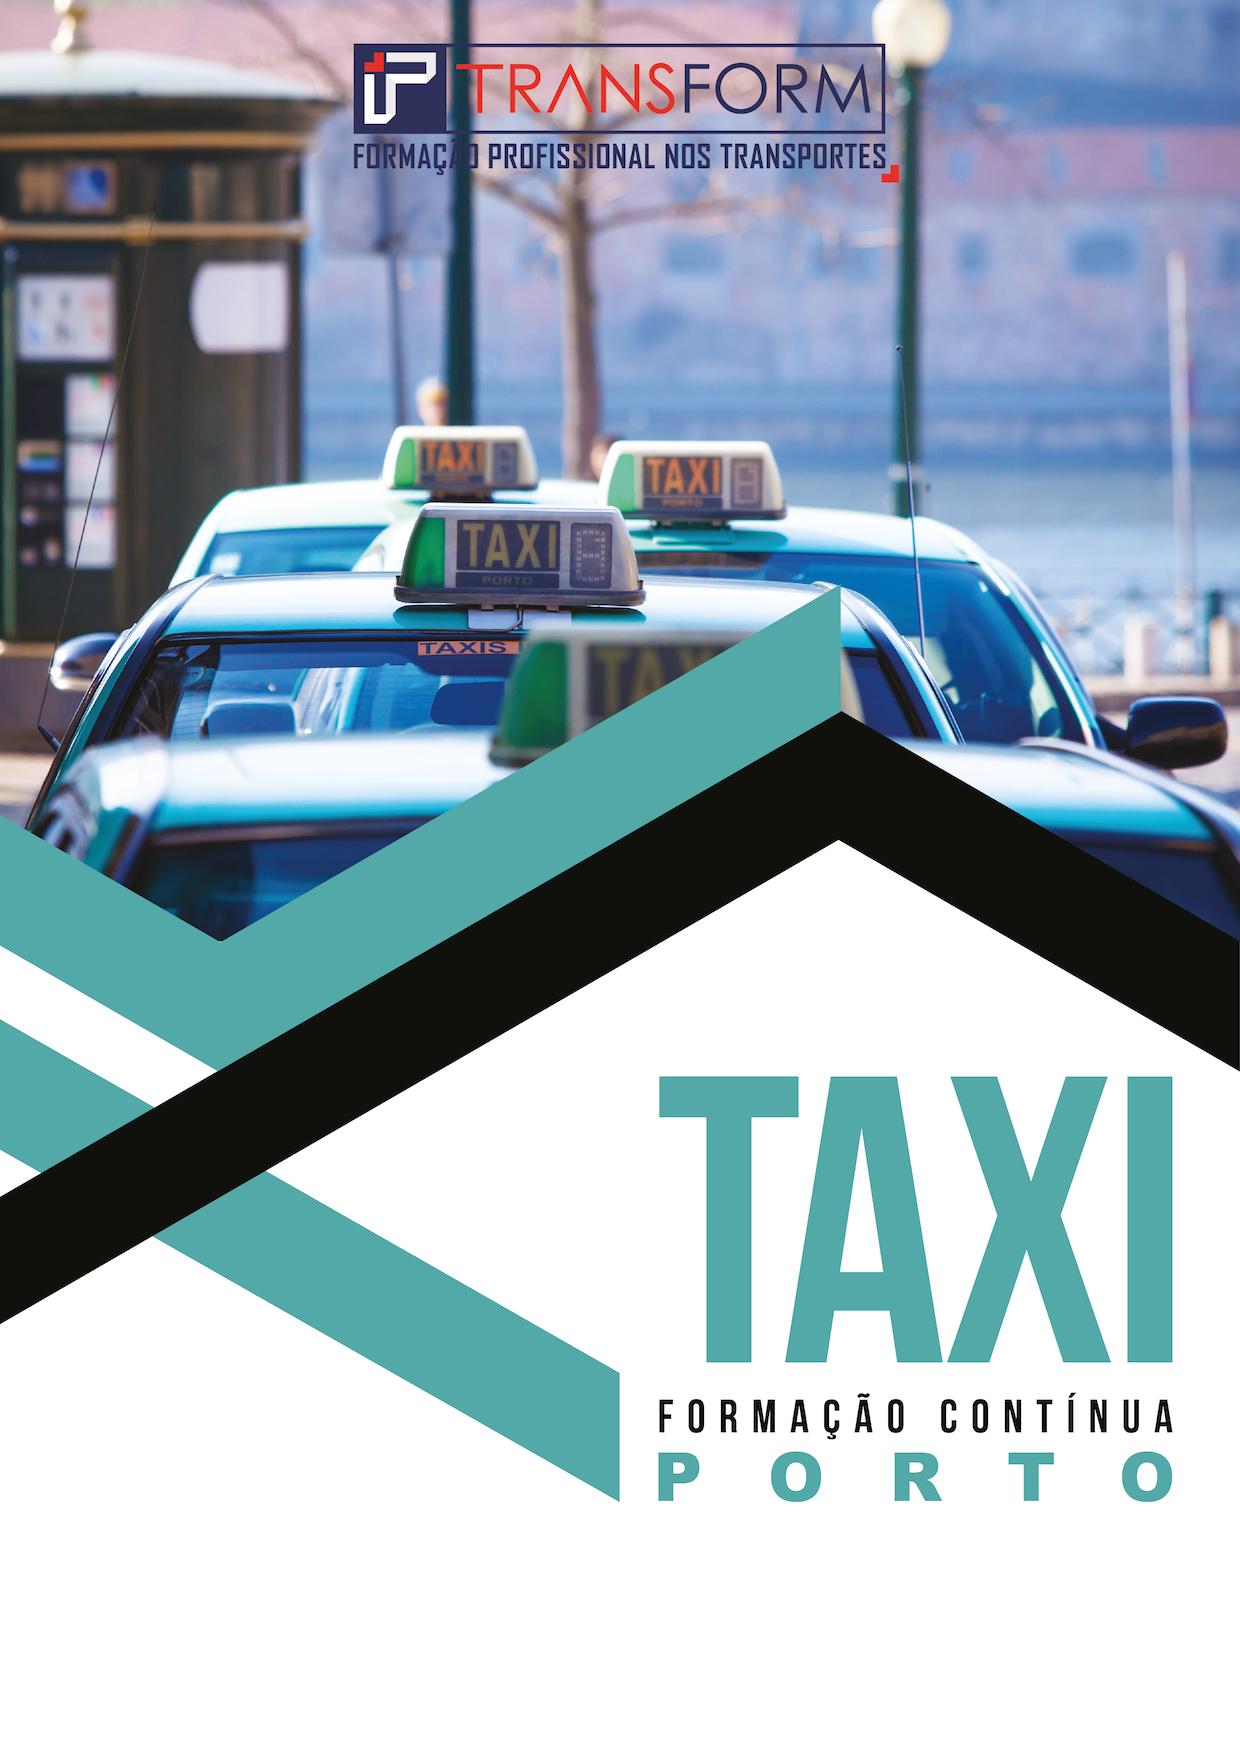 21/02 CMT FC - Rádi Taxis